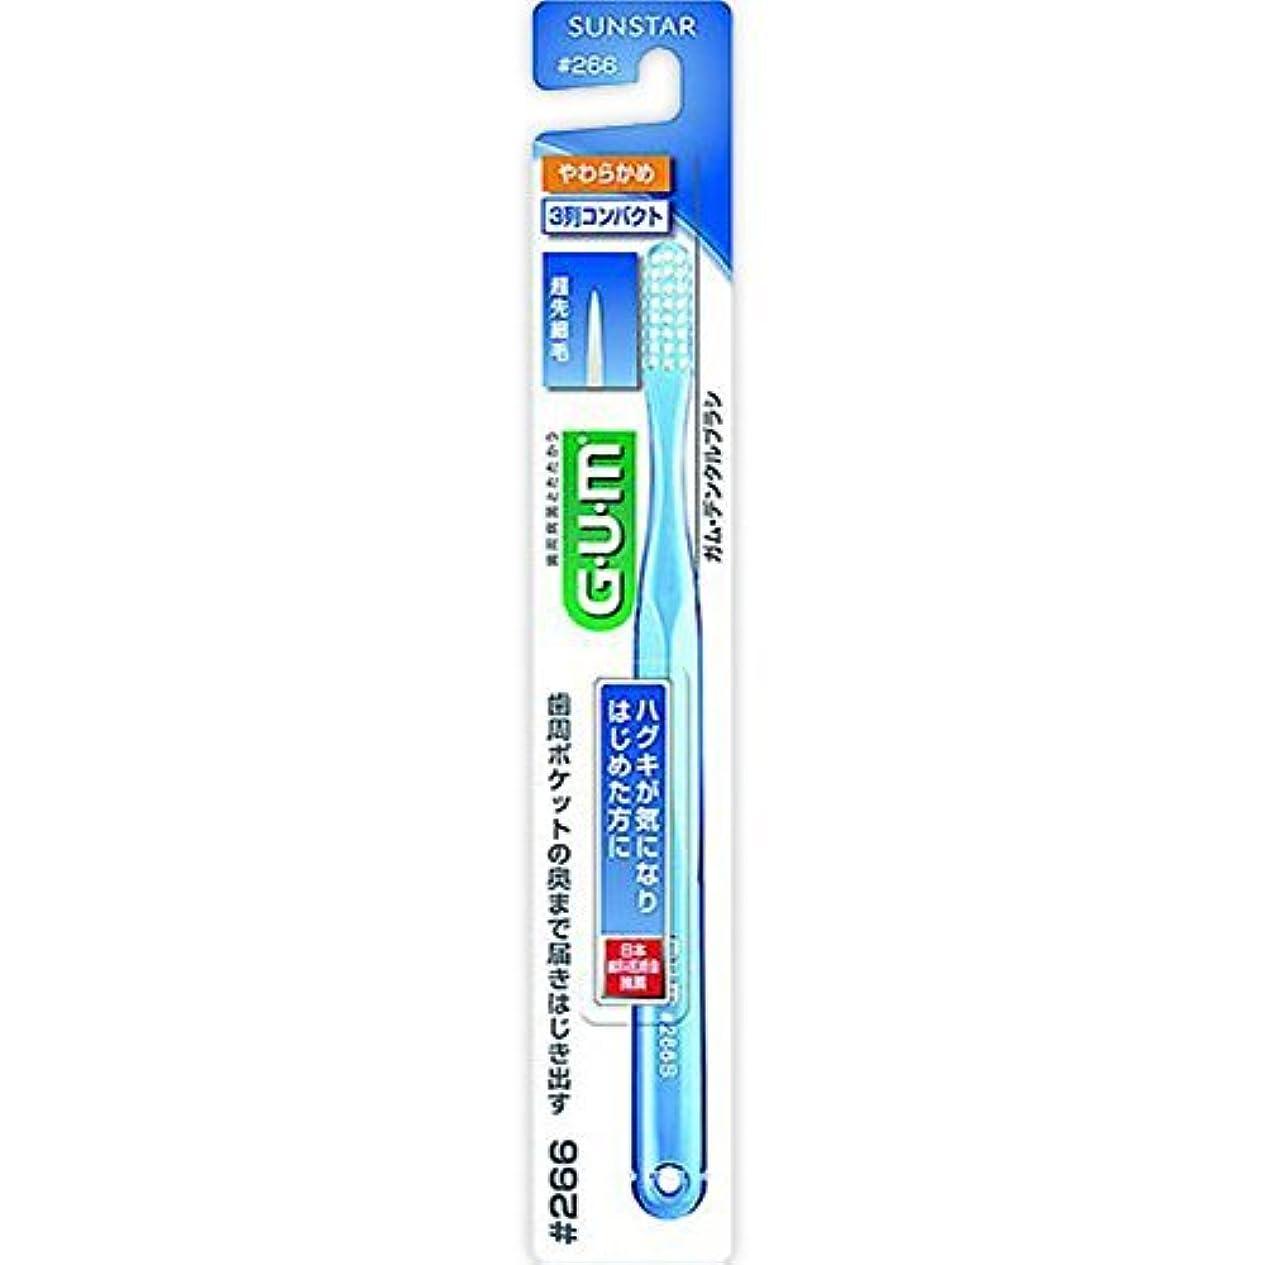 ひどく結紮金曜日【まとめ買い】GUM デンタルブラシ コンパクトヘッド ウルトラソフト #266 ×2セット